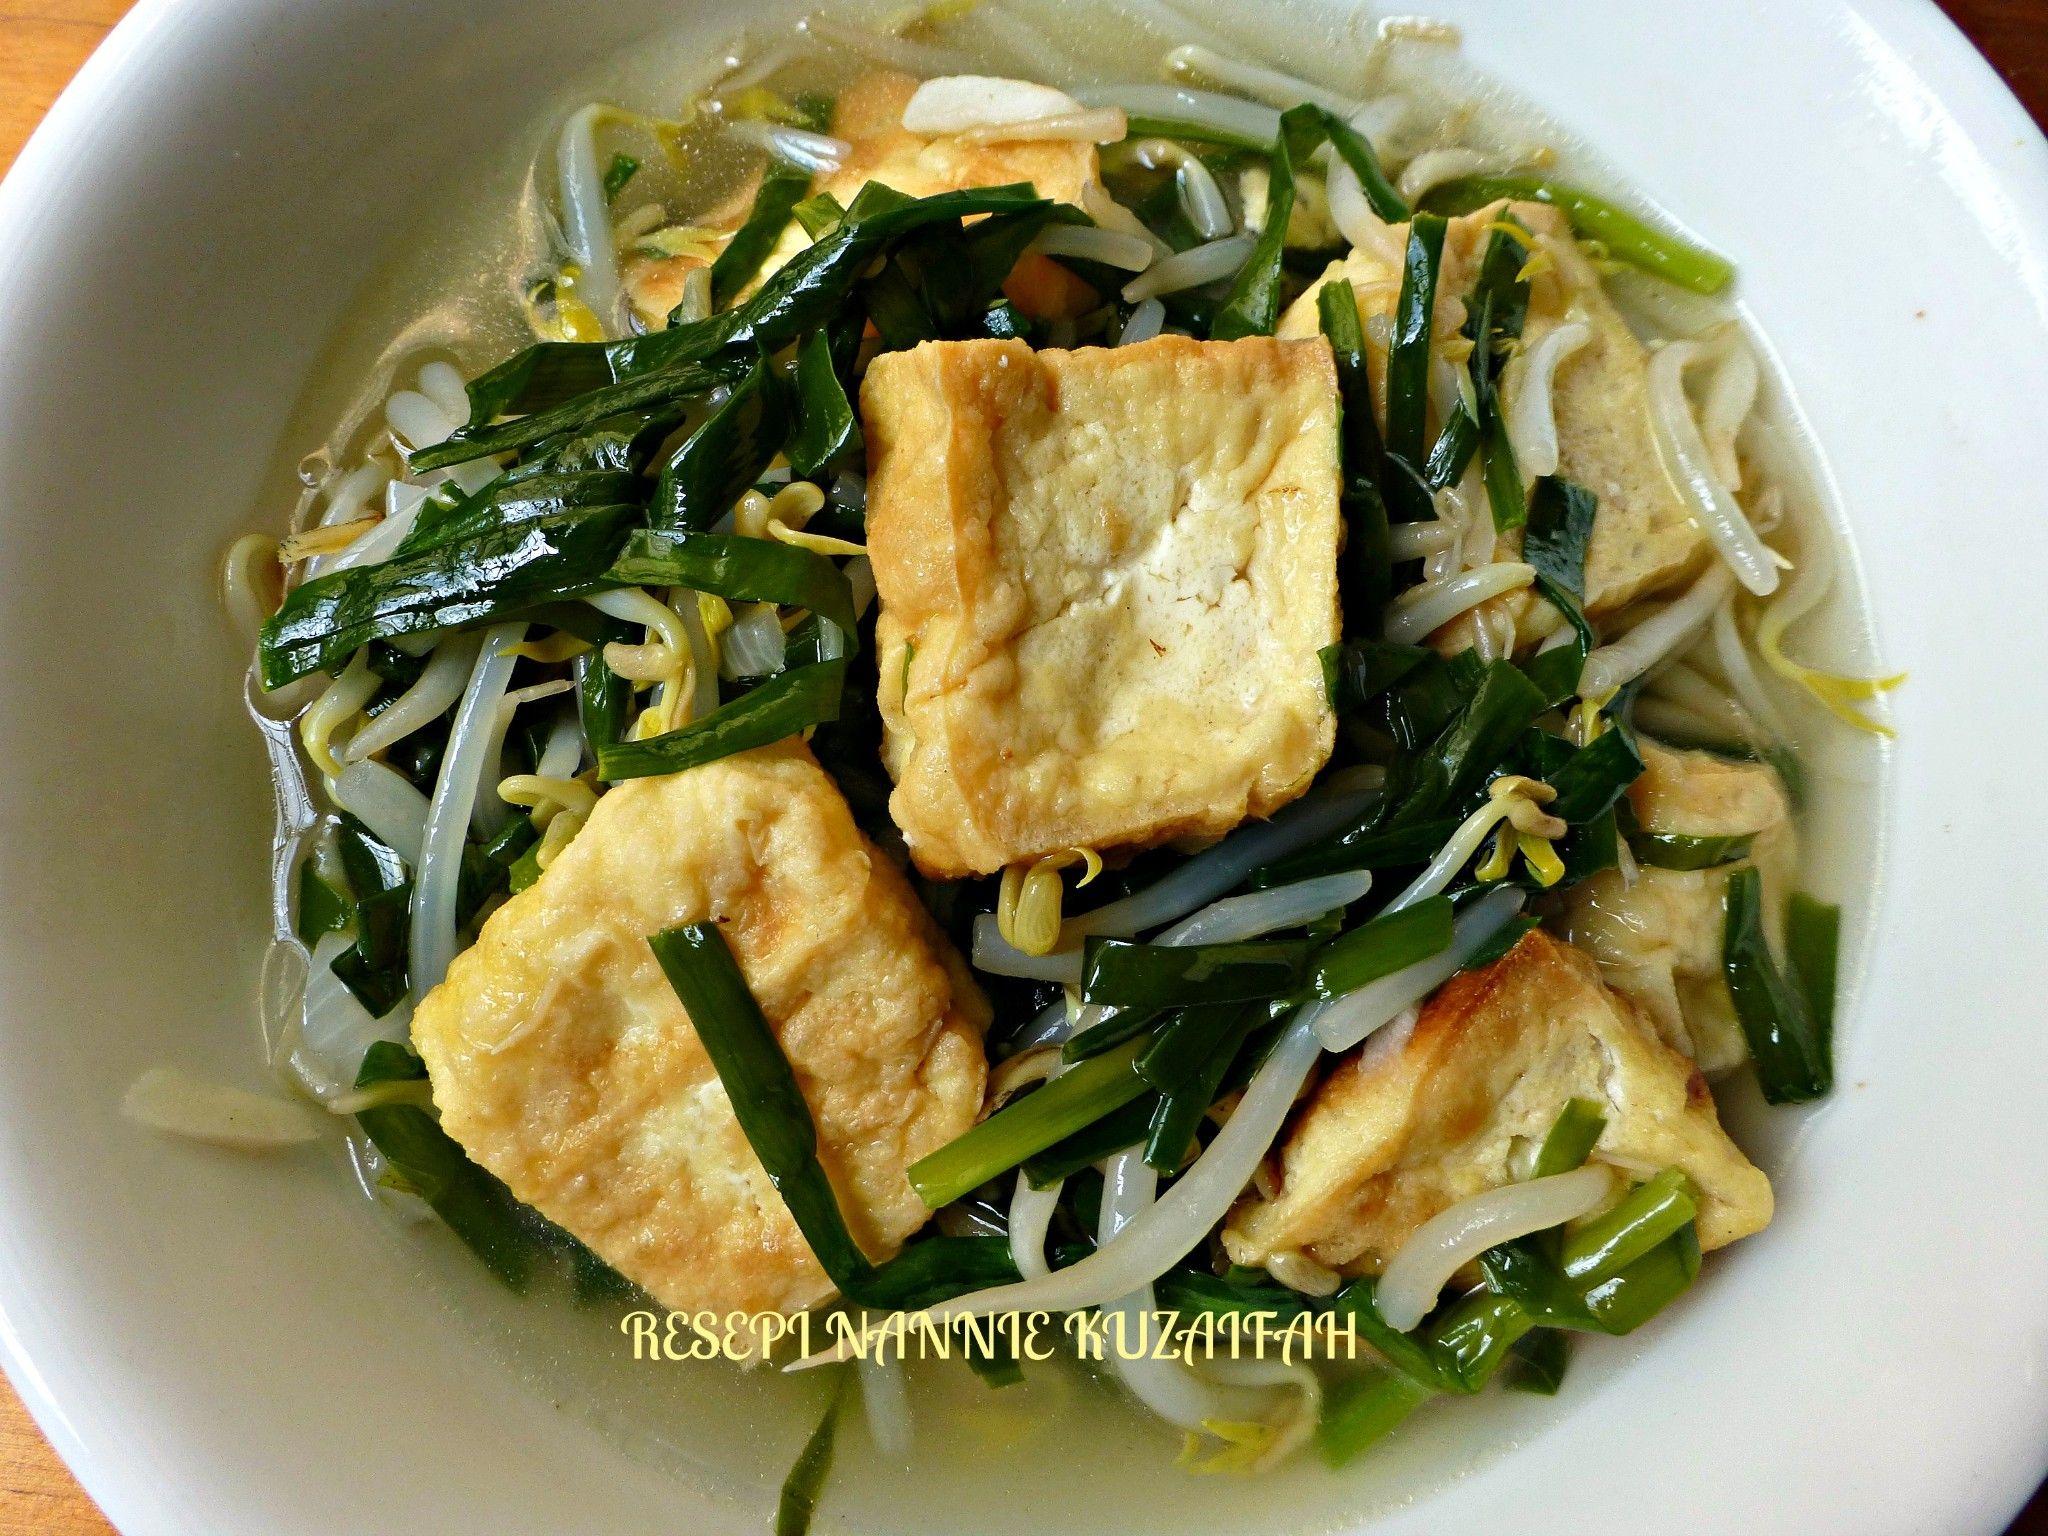 resipi sayur campur chinese style resepi bergambar Resepi Sup Makaroni Azie Kitchen Enak dan Mudah